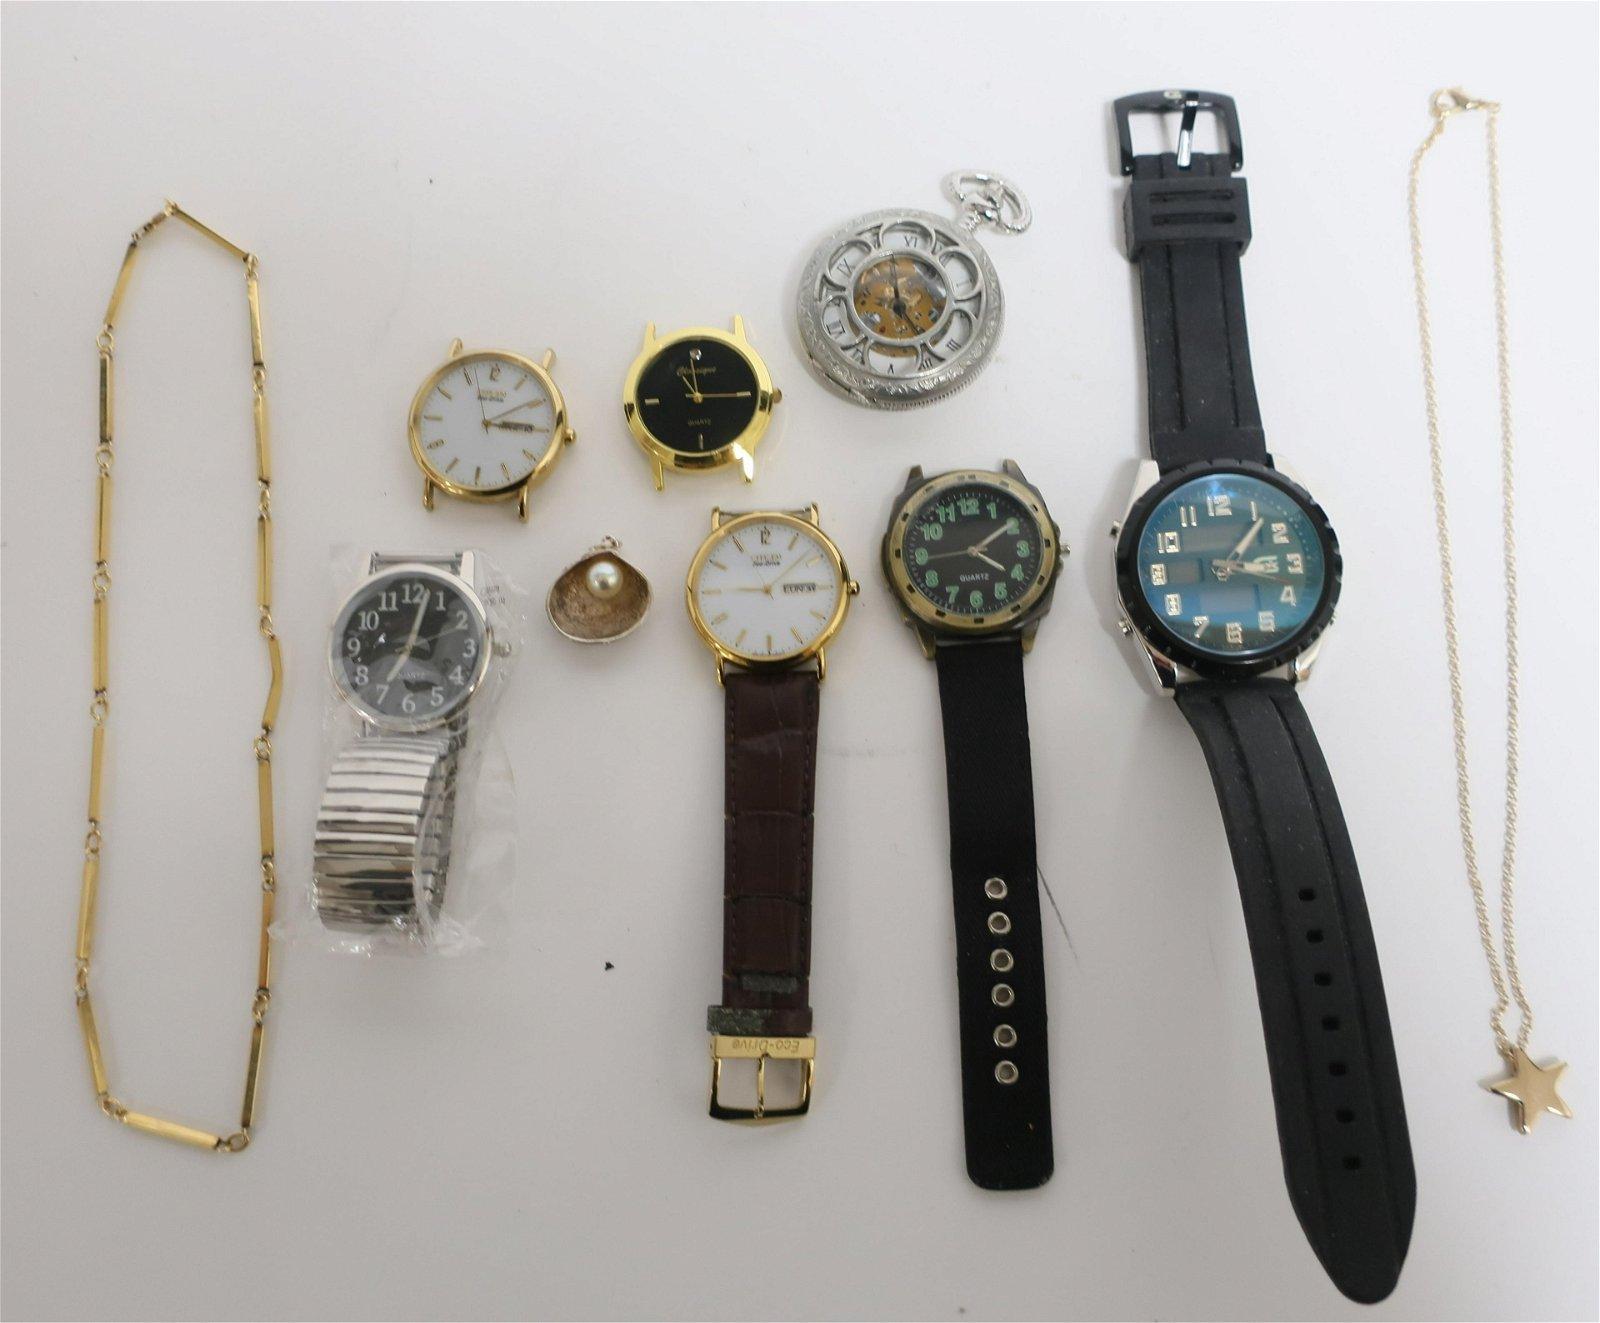 7 Quartz Watches